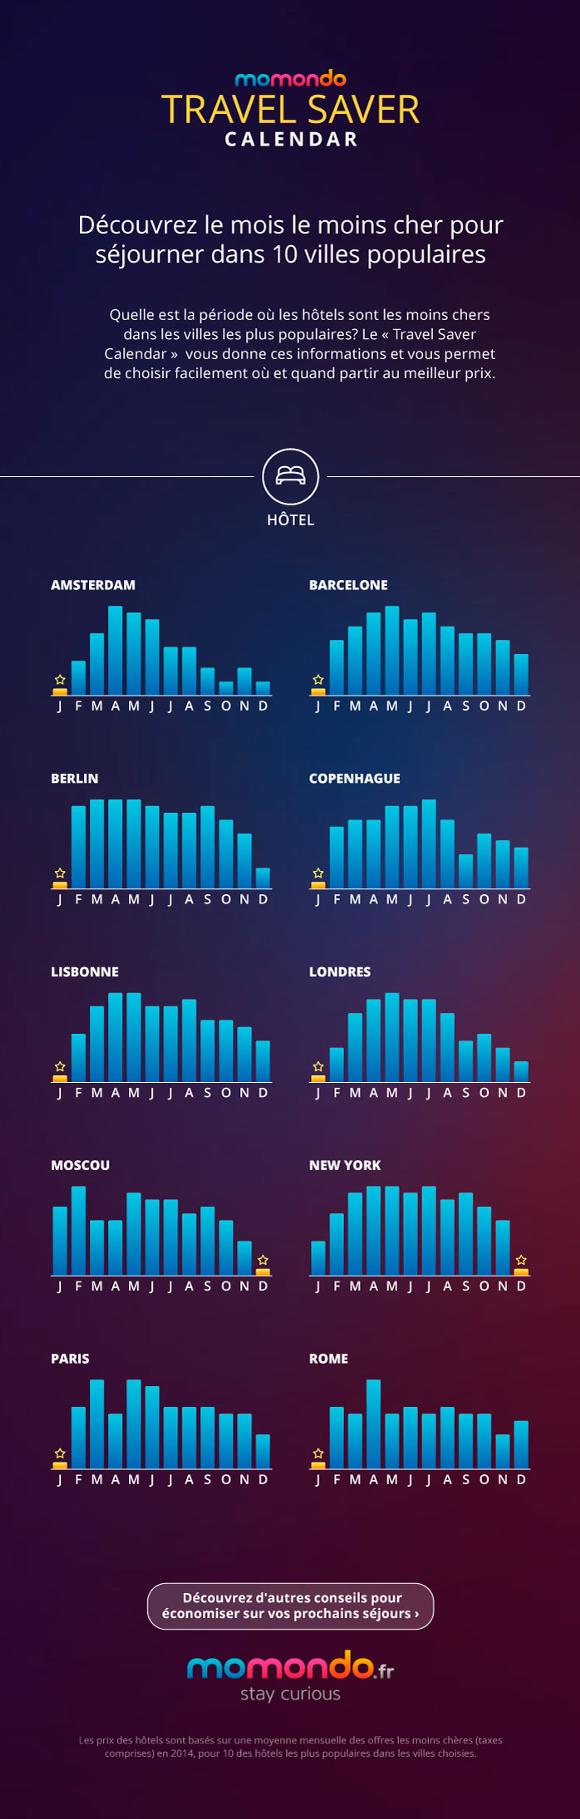 Travel saver calendar l 39 outil pour voyager petits prix for Les hotels pas cher